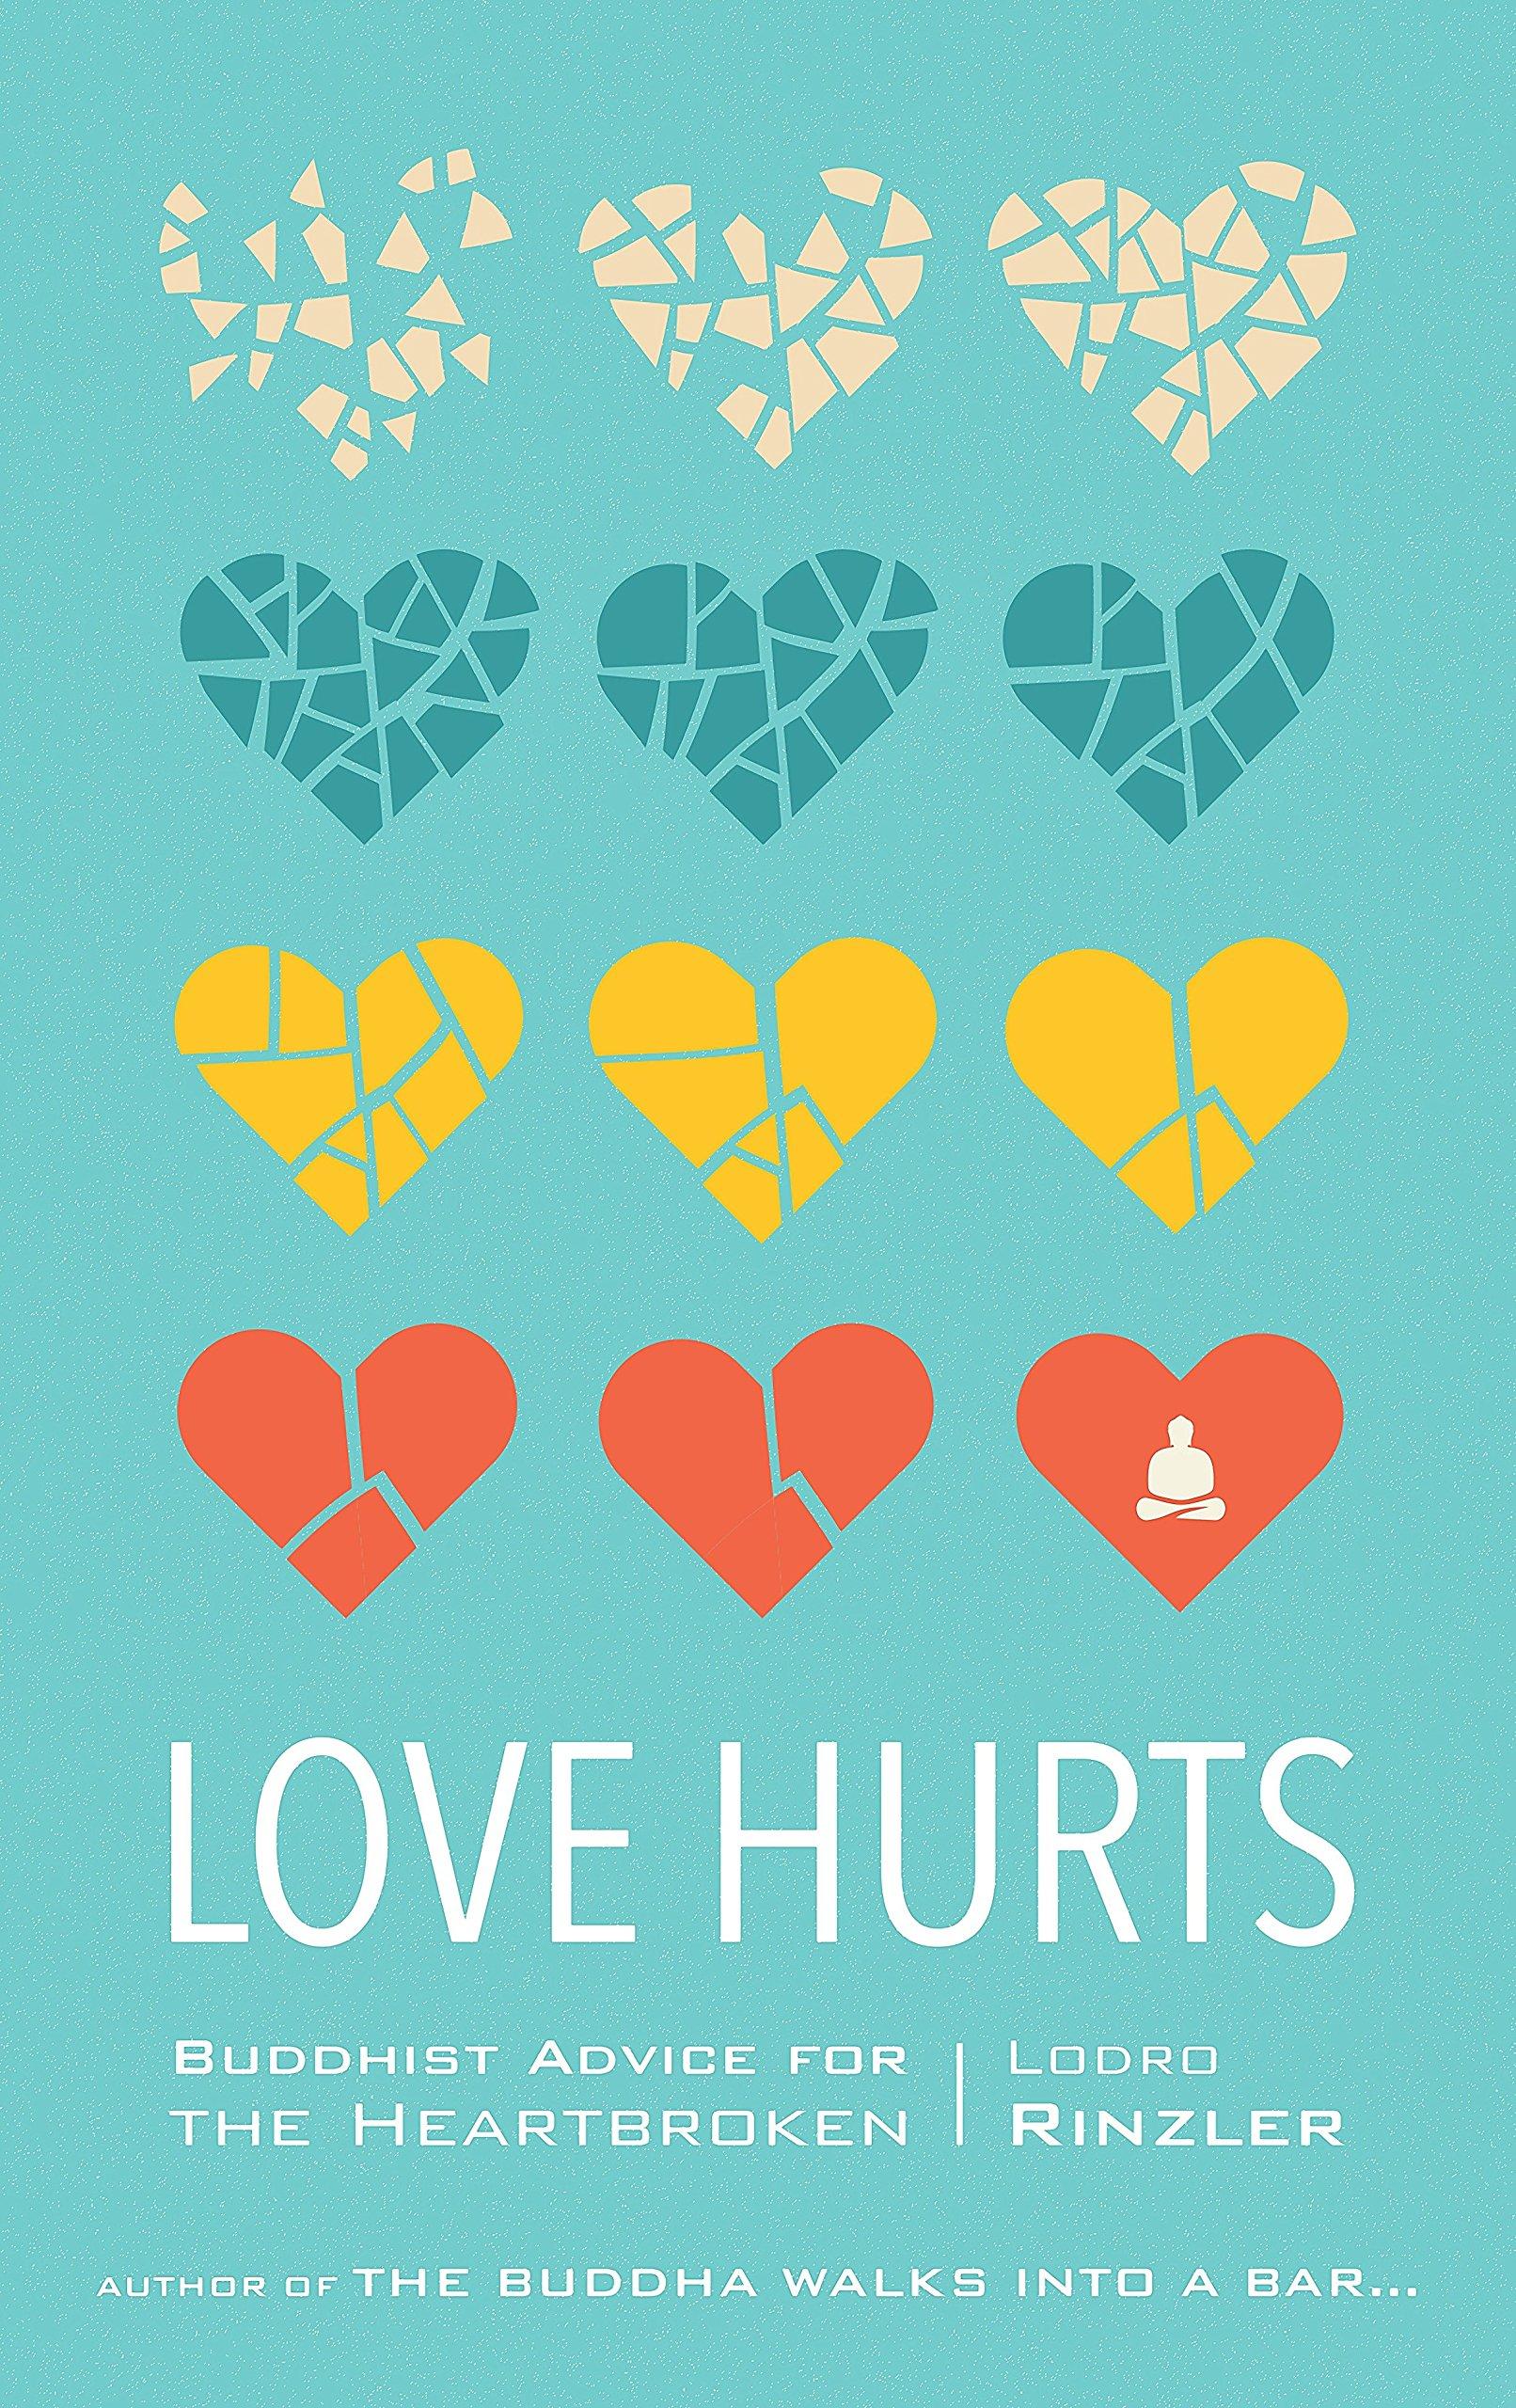 Advice for a friend who is heartbroken